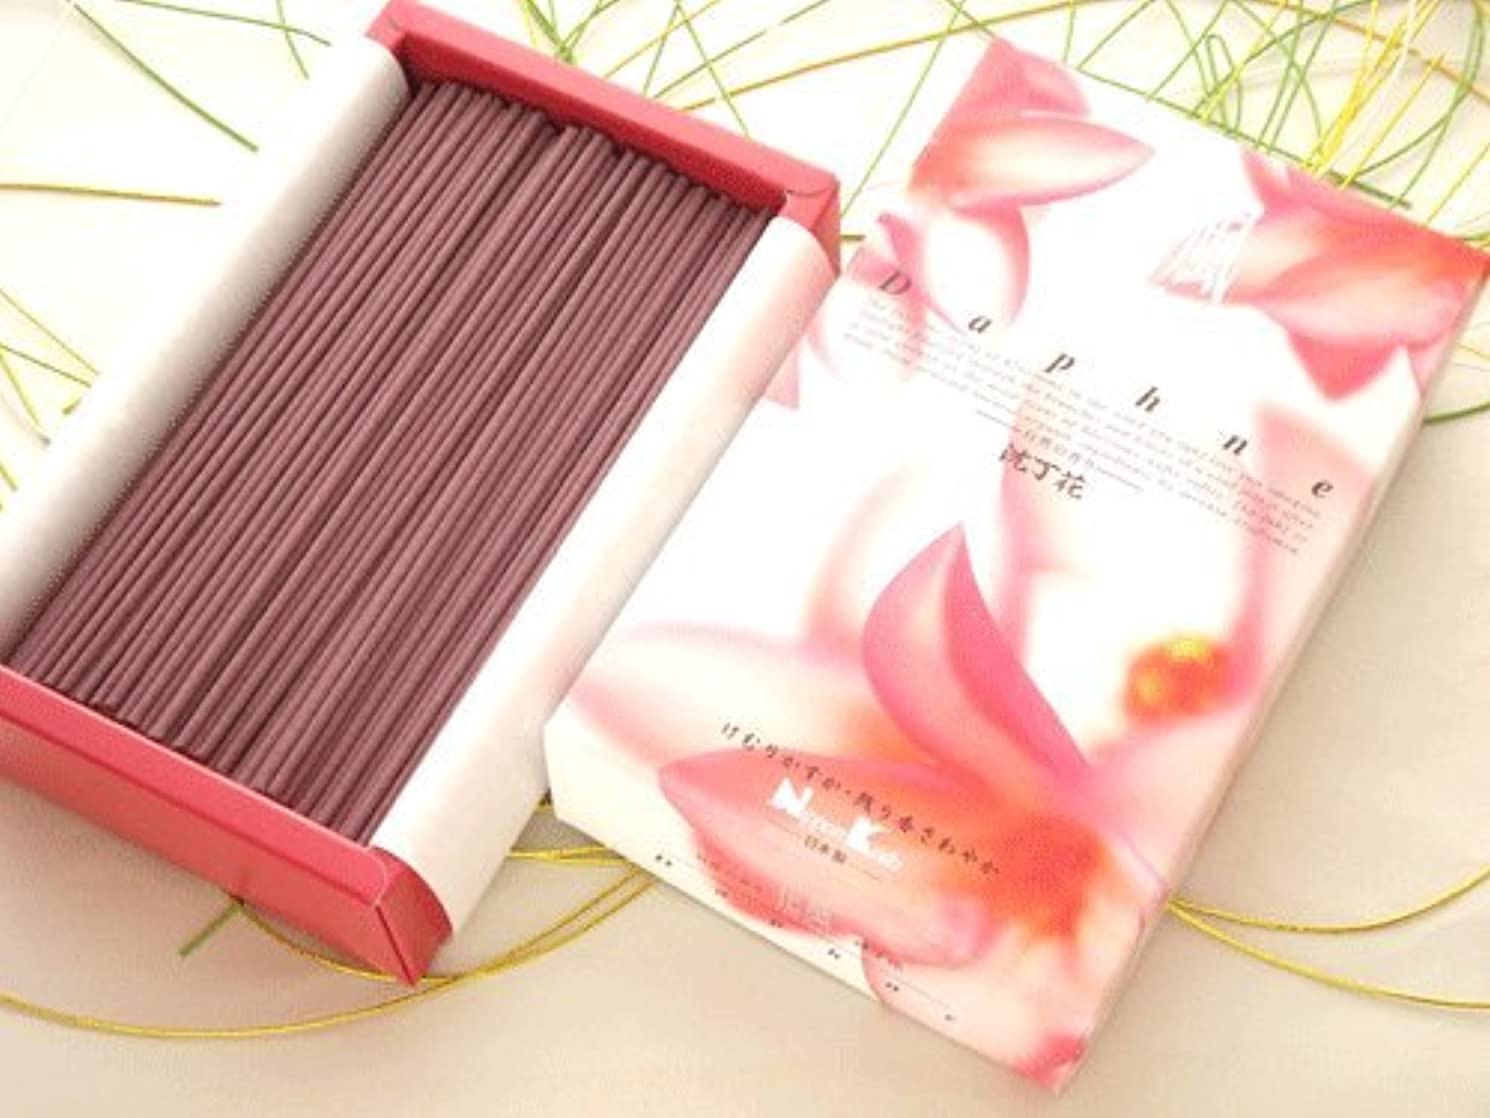 後ろにありふれた力学日本香堂 微煙タイプ【花風(かふう) Daphne 沈丁花】 バラ詰大箱